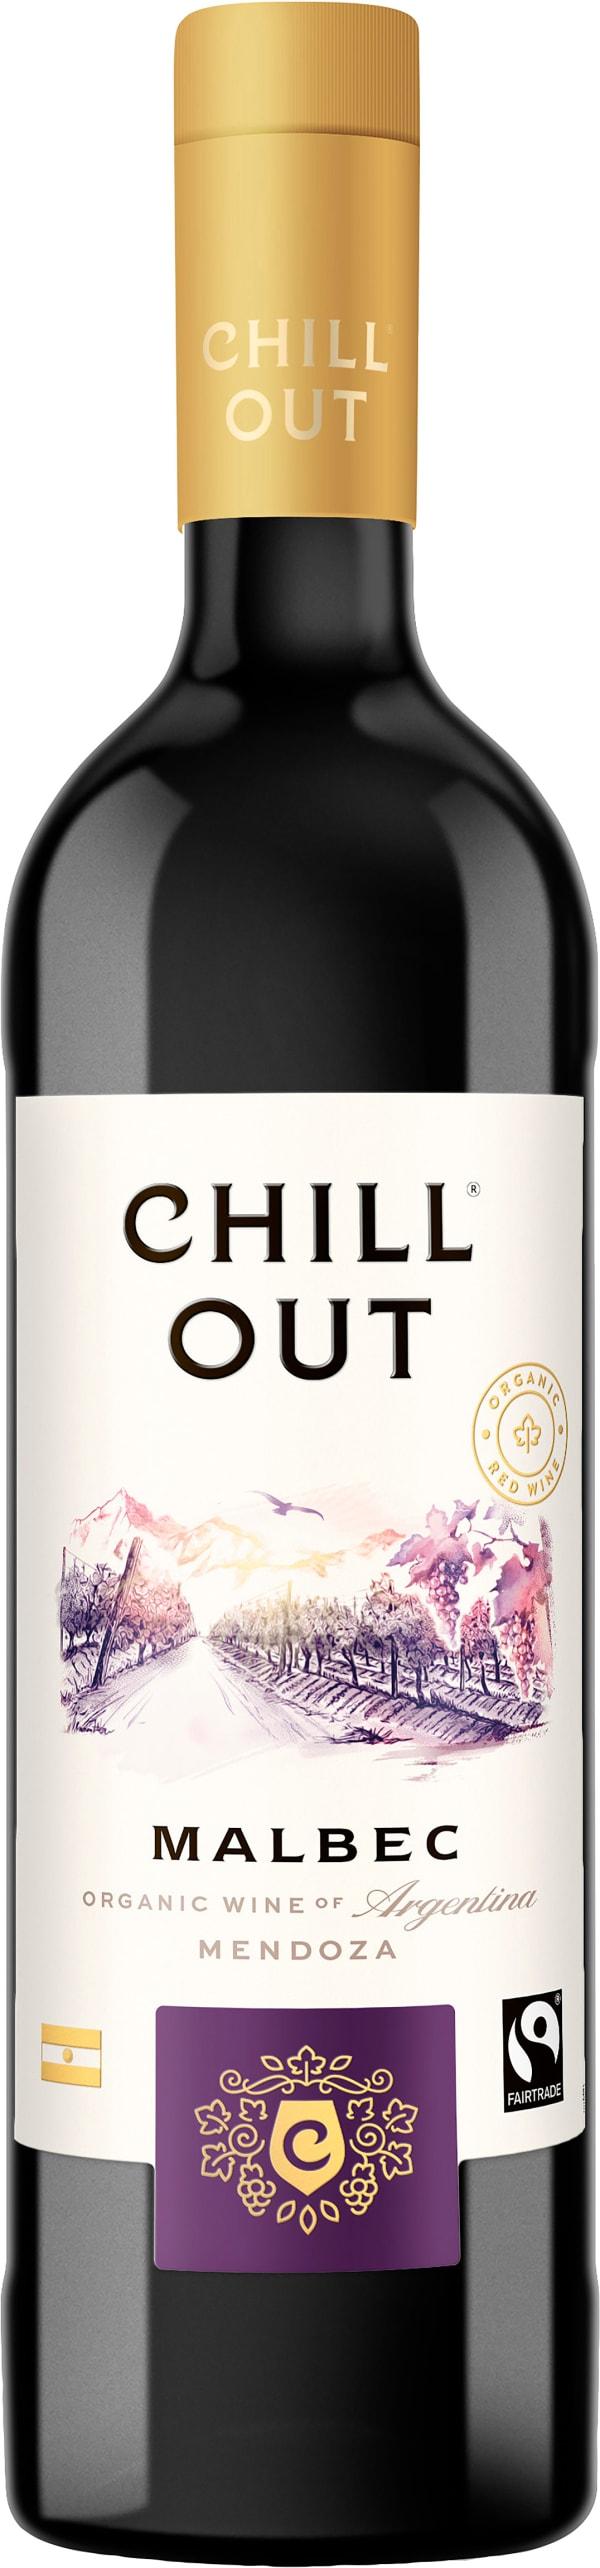 Chill Out Malbec Argentina 2018 muovipullo